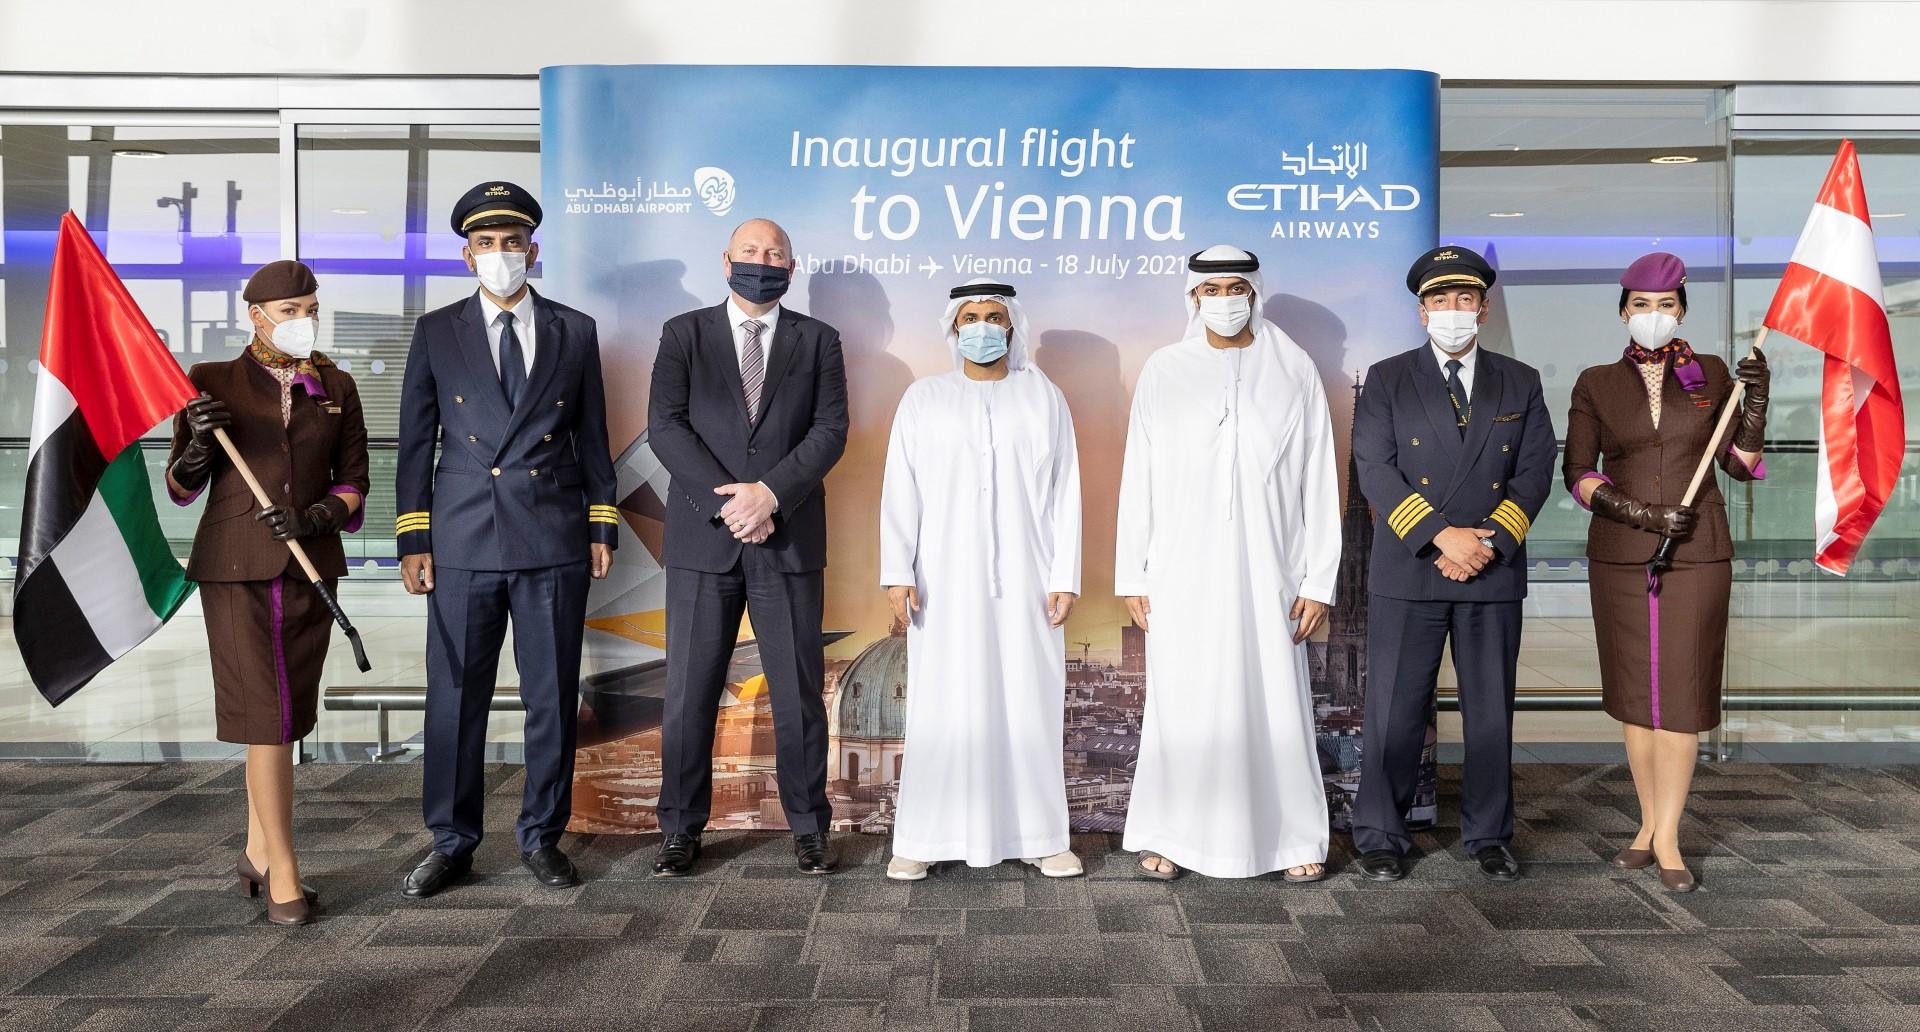 الاتحاد للطيران تطلق أولى رحلاتها إلى فيينا